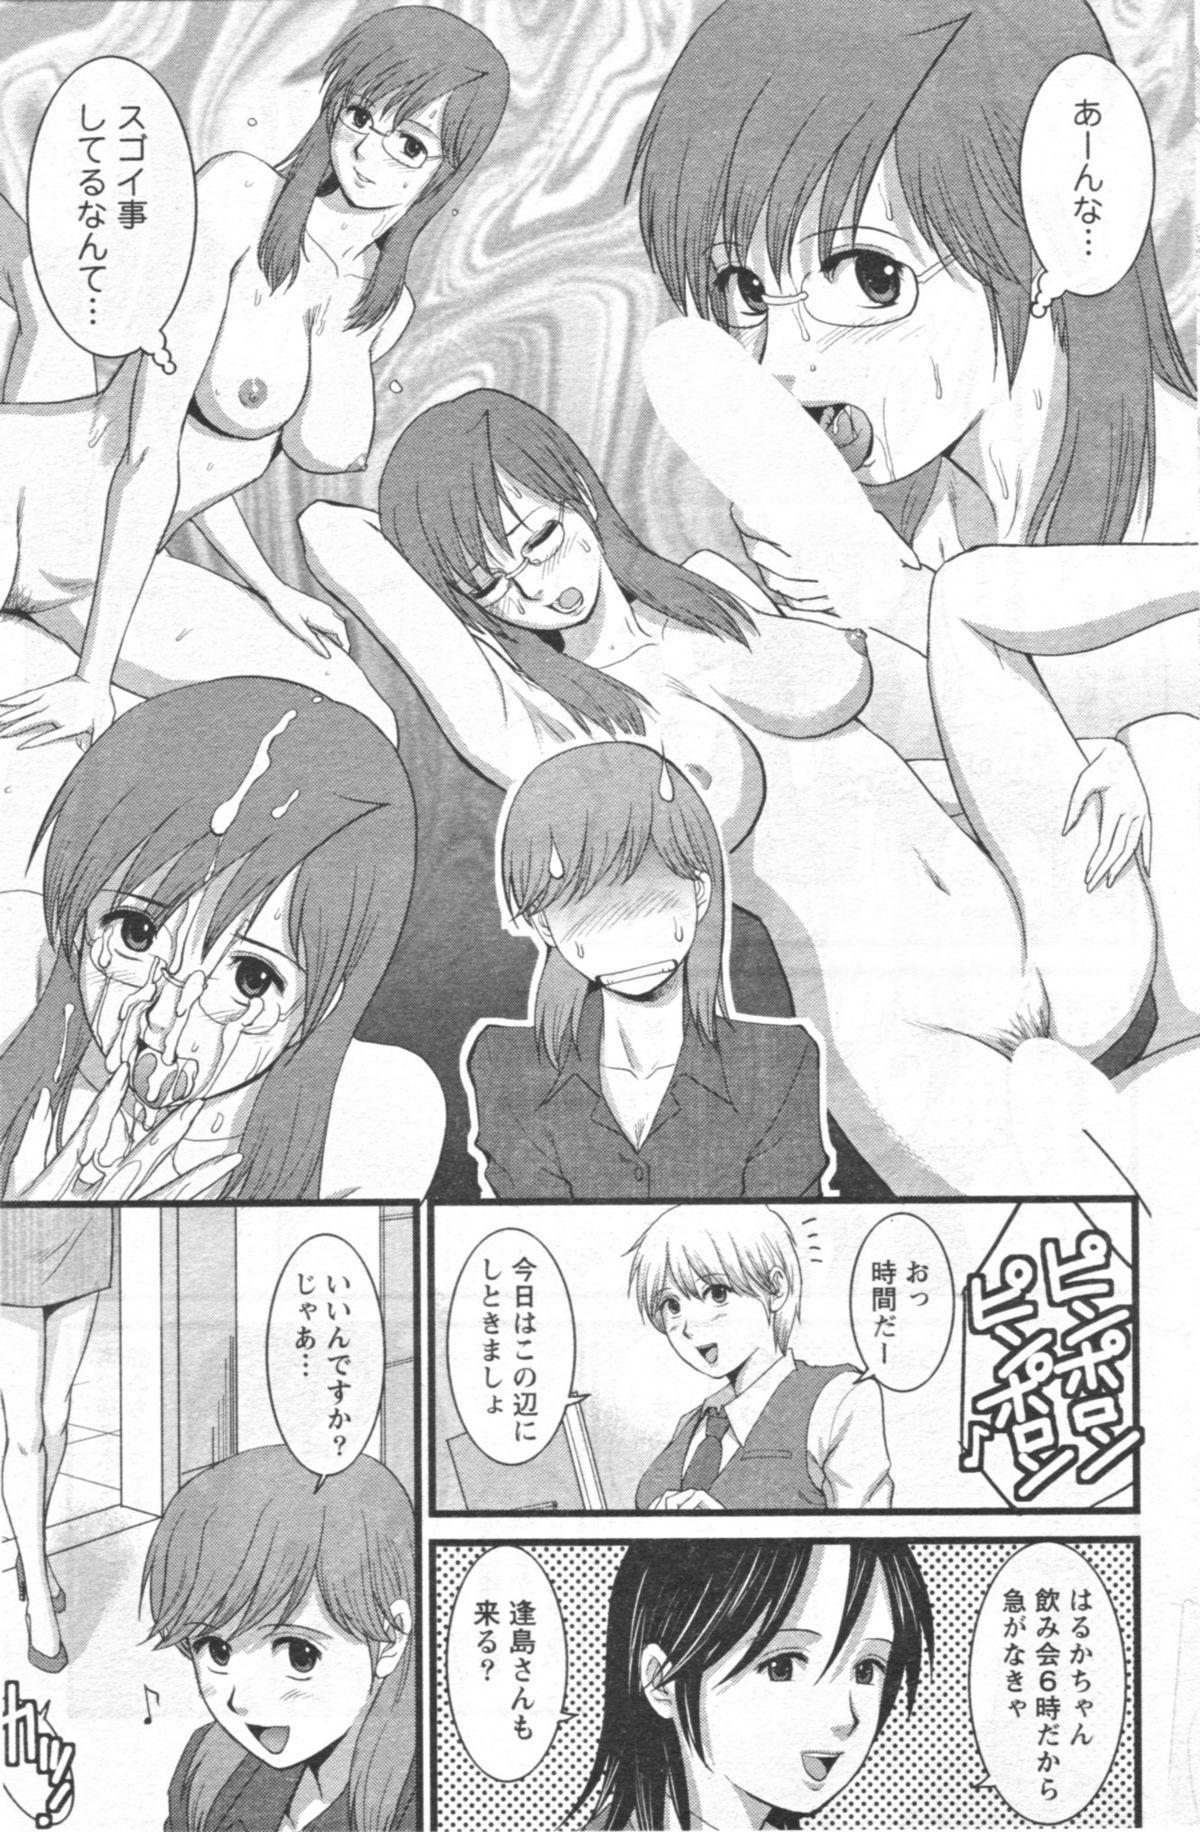 Haken no Muuko-san 12 8